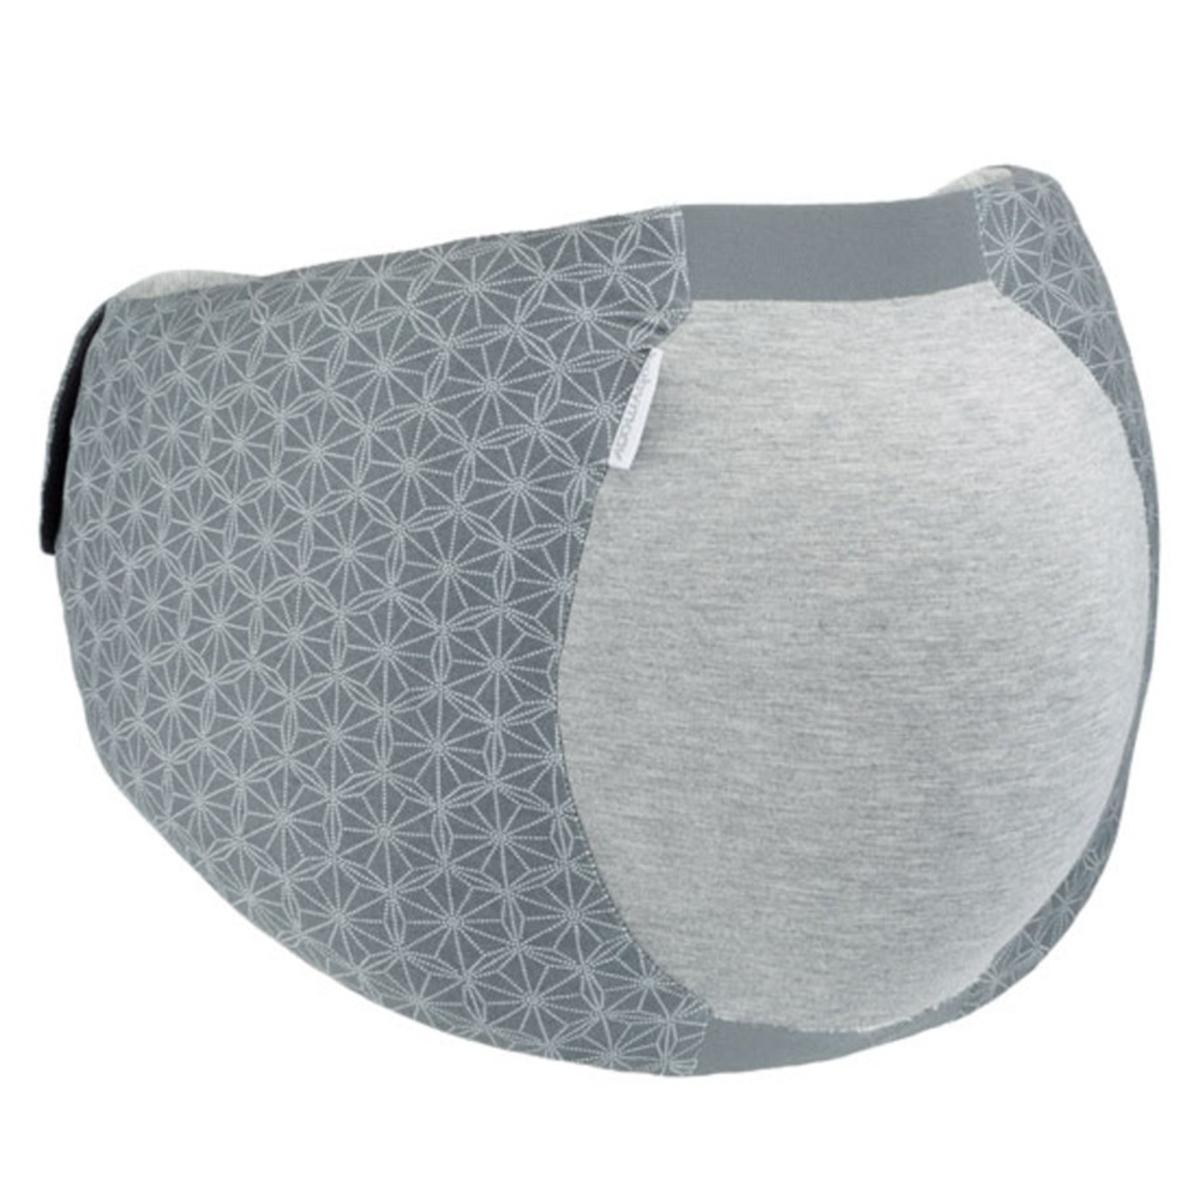 Coussin allaitement Ceinture de Sommeil Dream Belt - Smoky Ceinture de Sommeil Dream Belt - Smoky